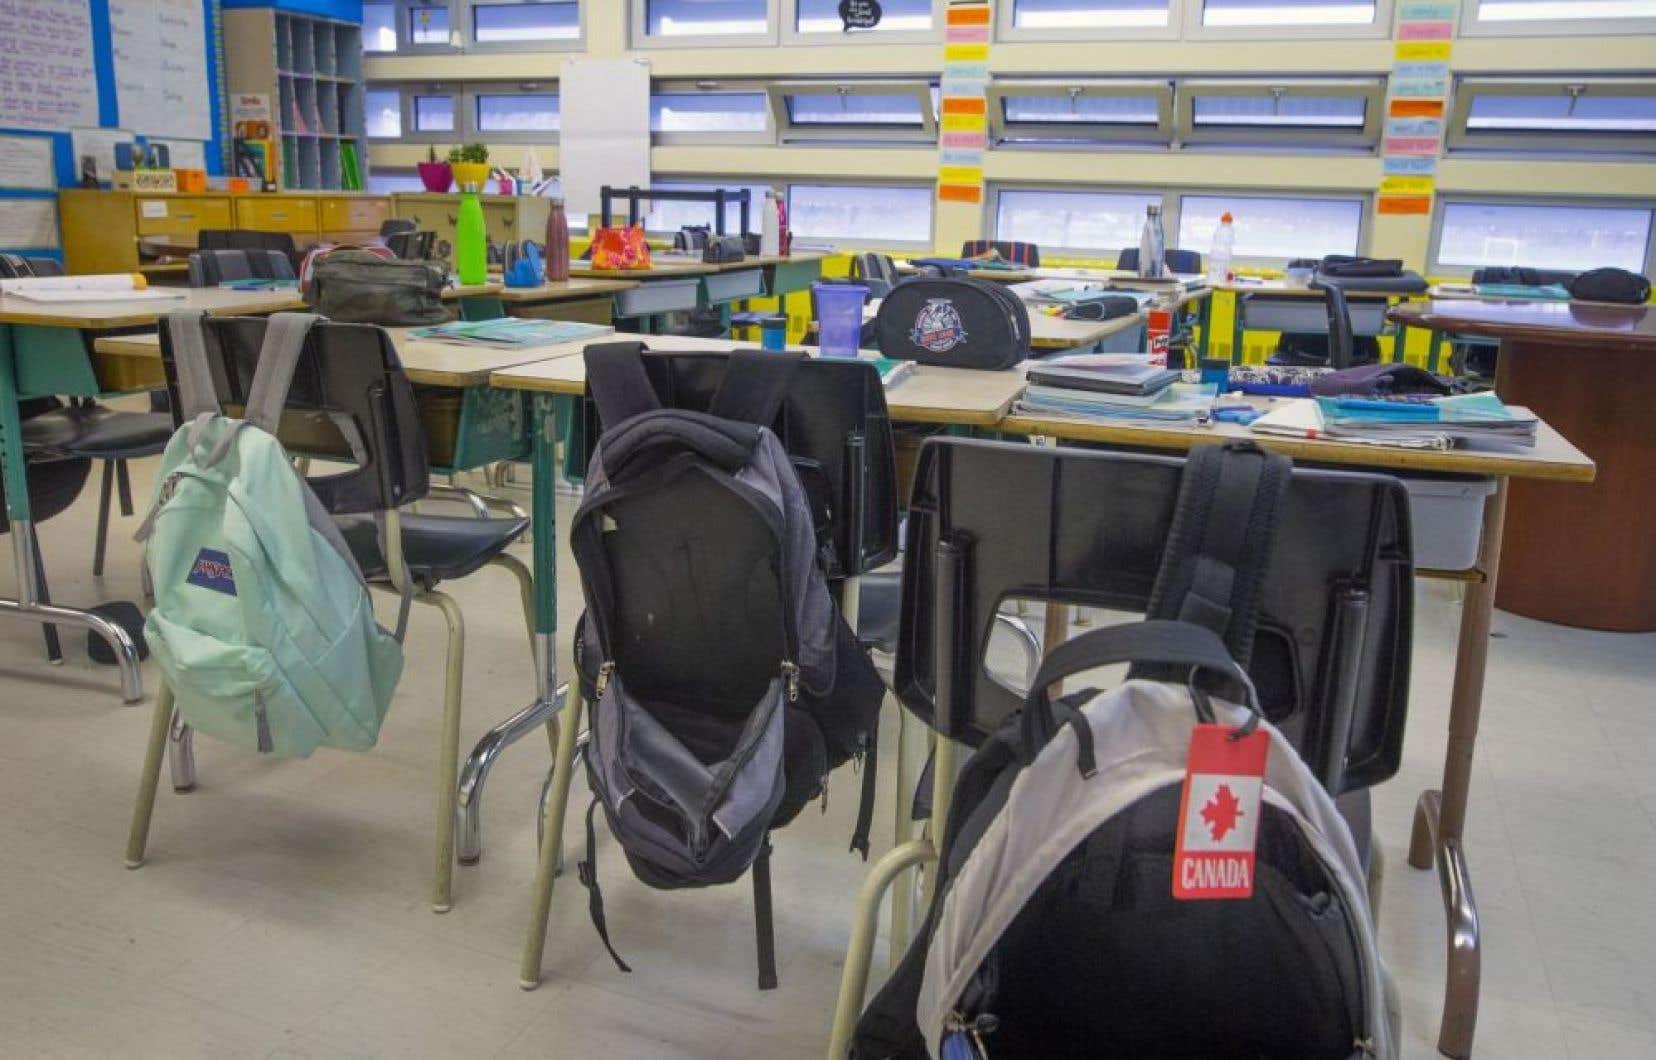 Le ministre a reçu cette semaine un rapport «dévastateur» et «accablant» sur les lacunes de gouvernance à laCommission scolaire English-Montréal (CSEM).